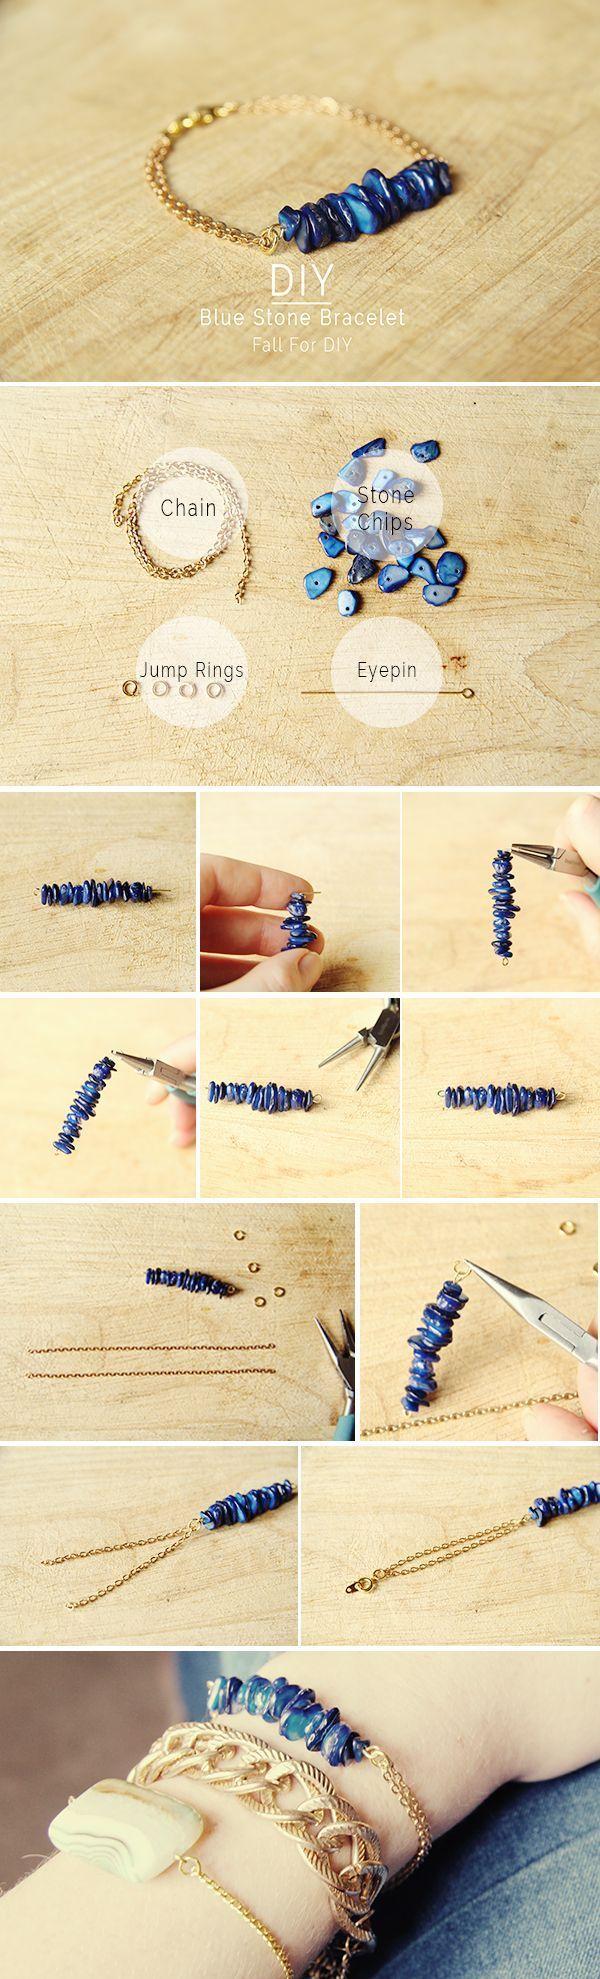 DIY Blue Stone Bracelet - love all 3 of these bracelets!